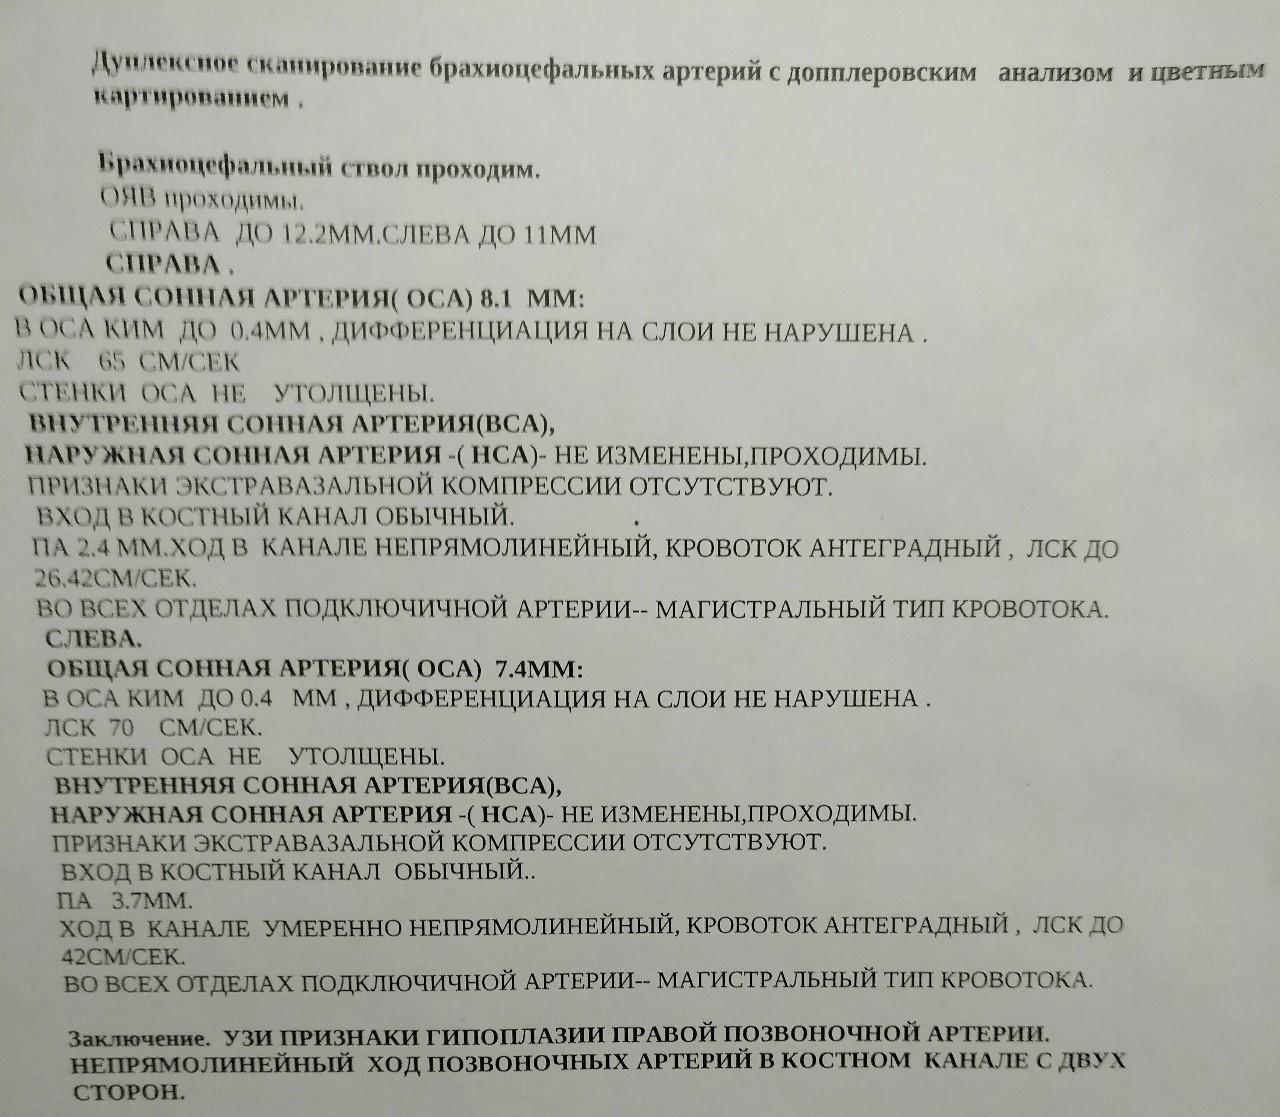 Уздг бца — какие патологии может обнаружить исследование? | dlja-pohudenija.ru